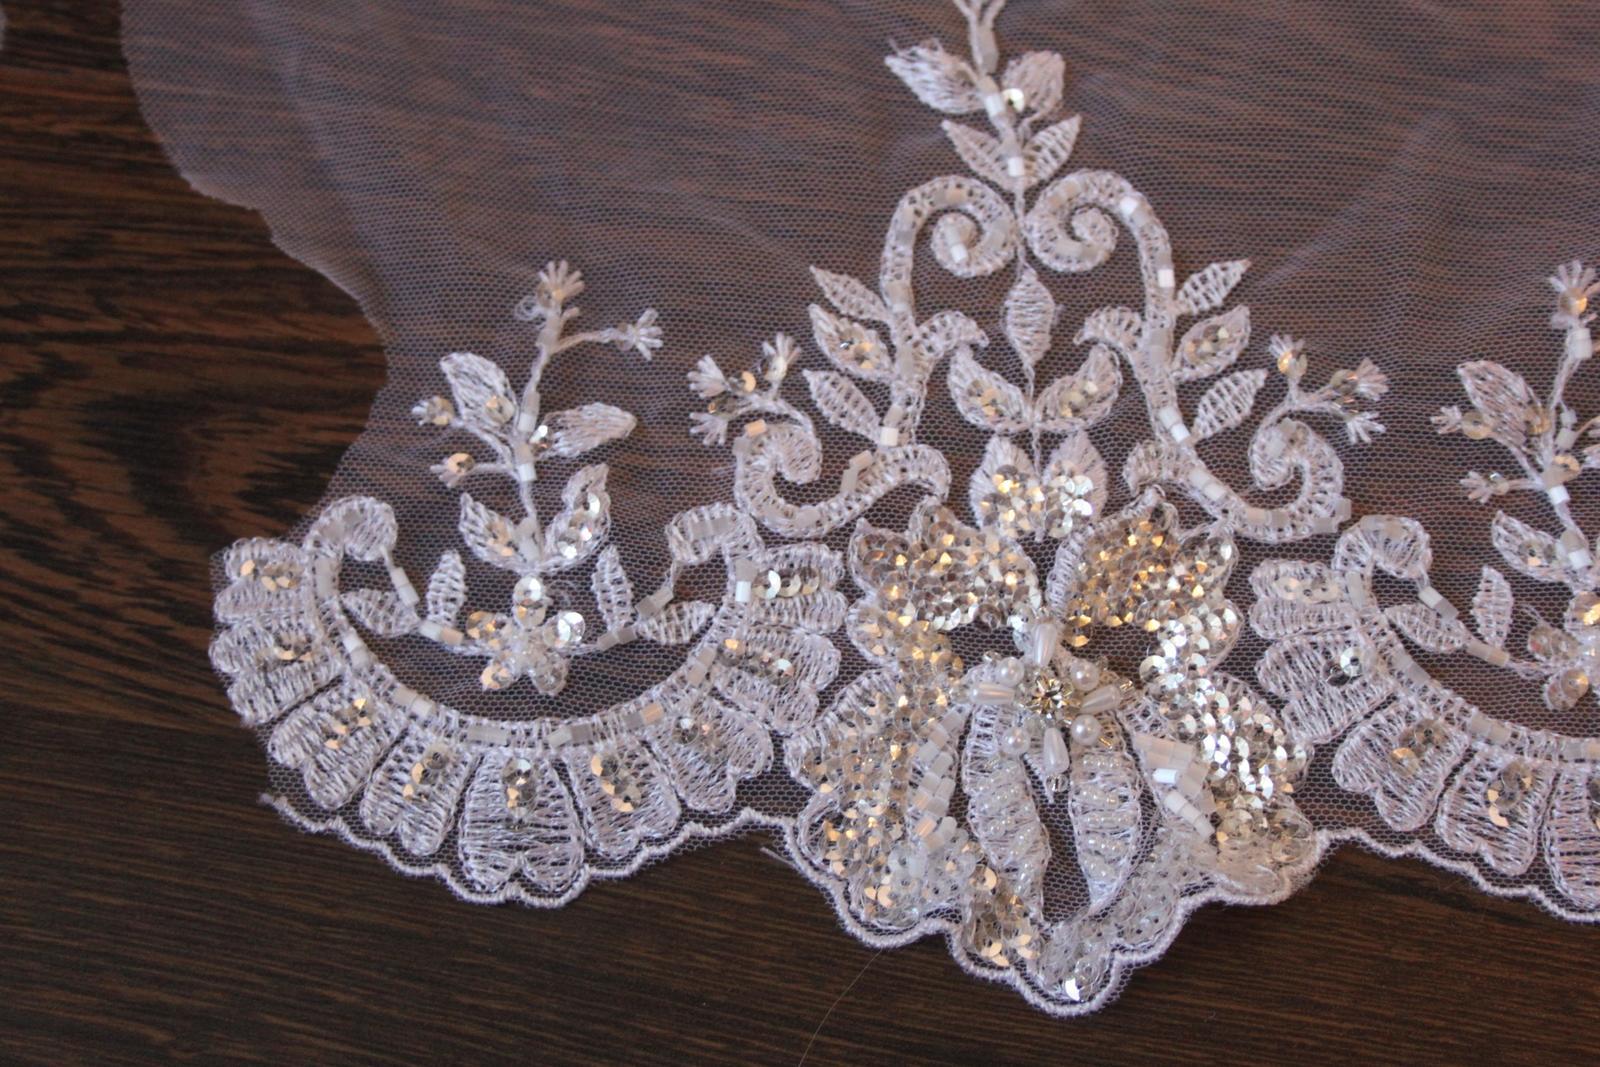 3 D Látky, aplikácie na svadobné šaty prípadne na iné dozdobenie - Obrázok č. 33